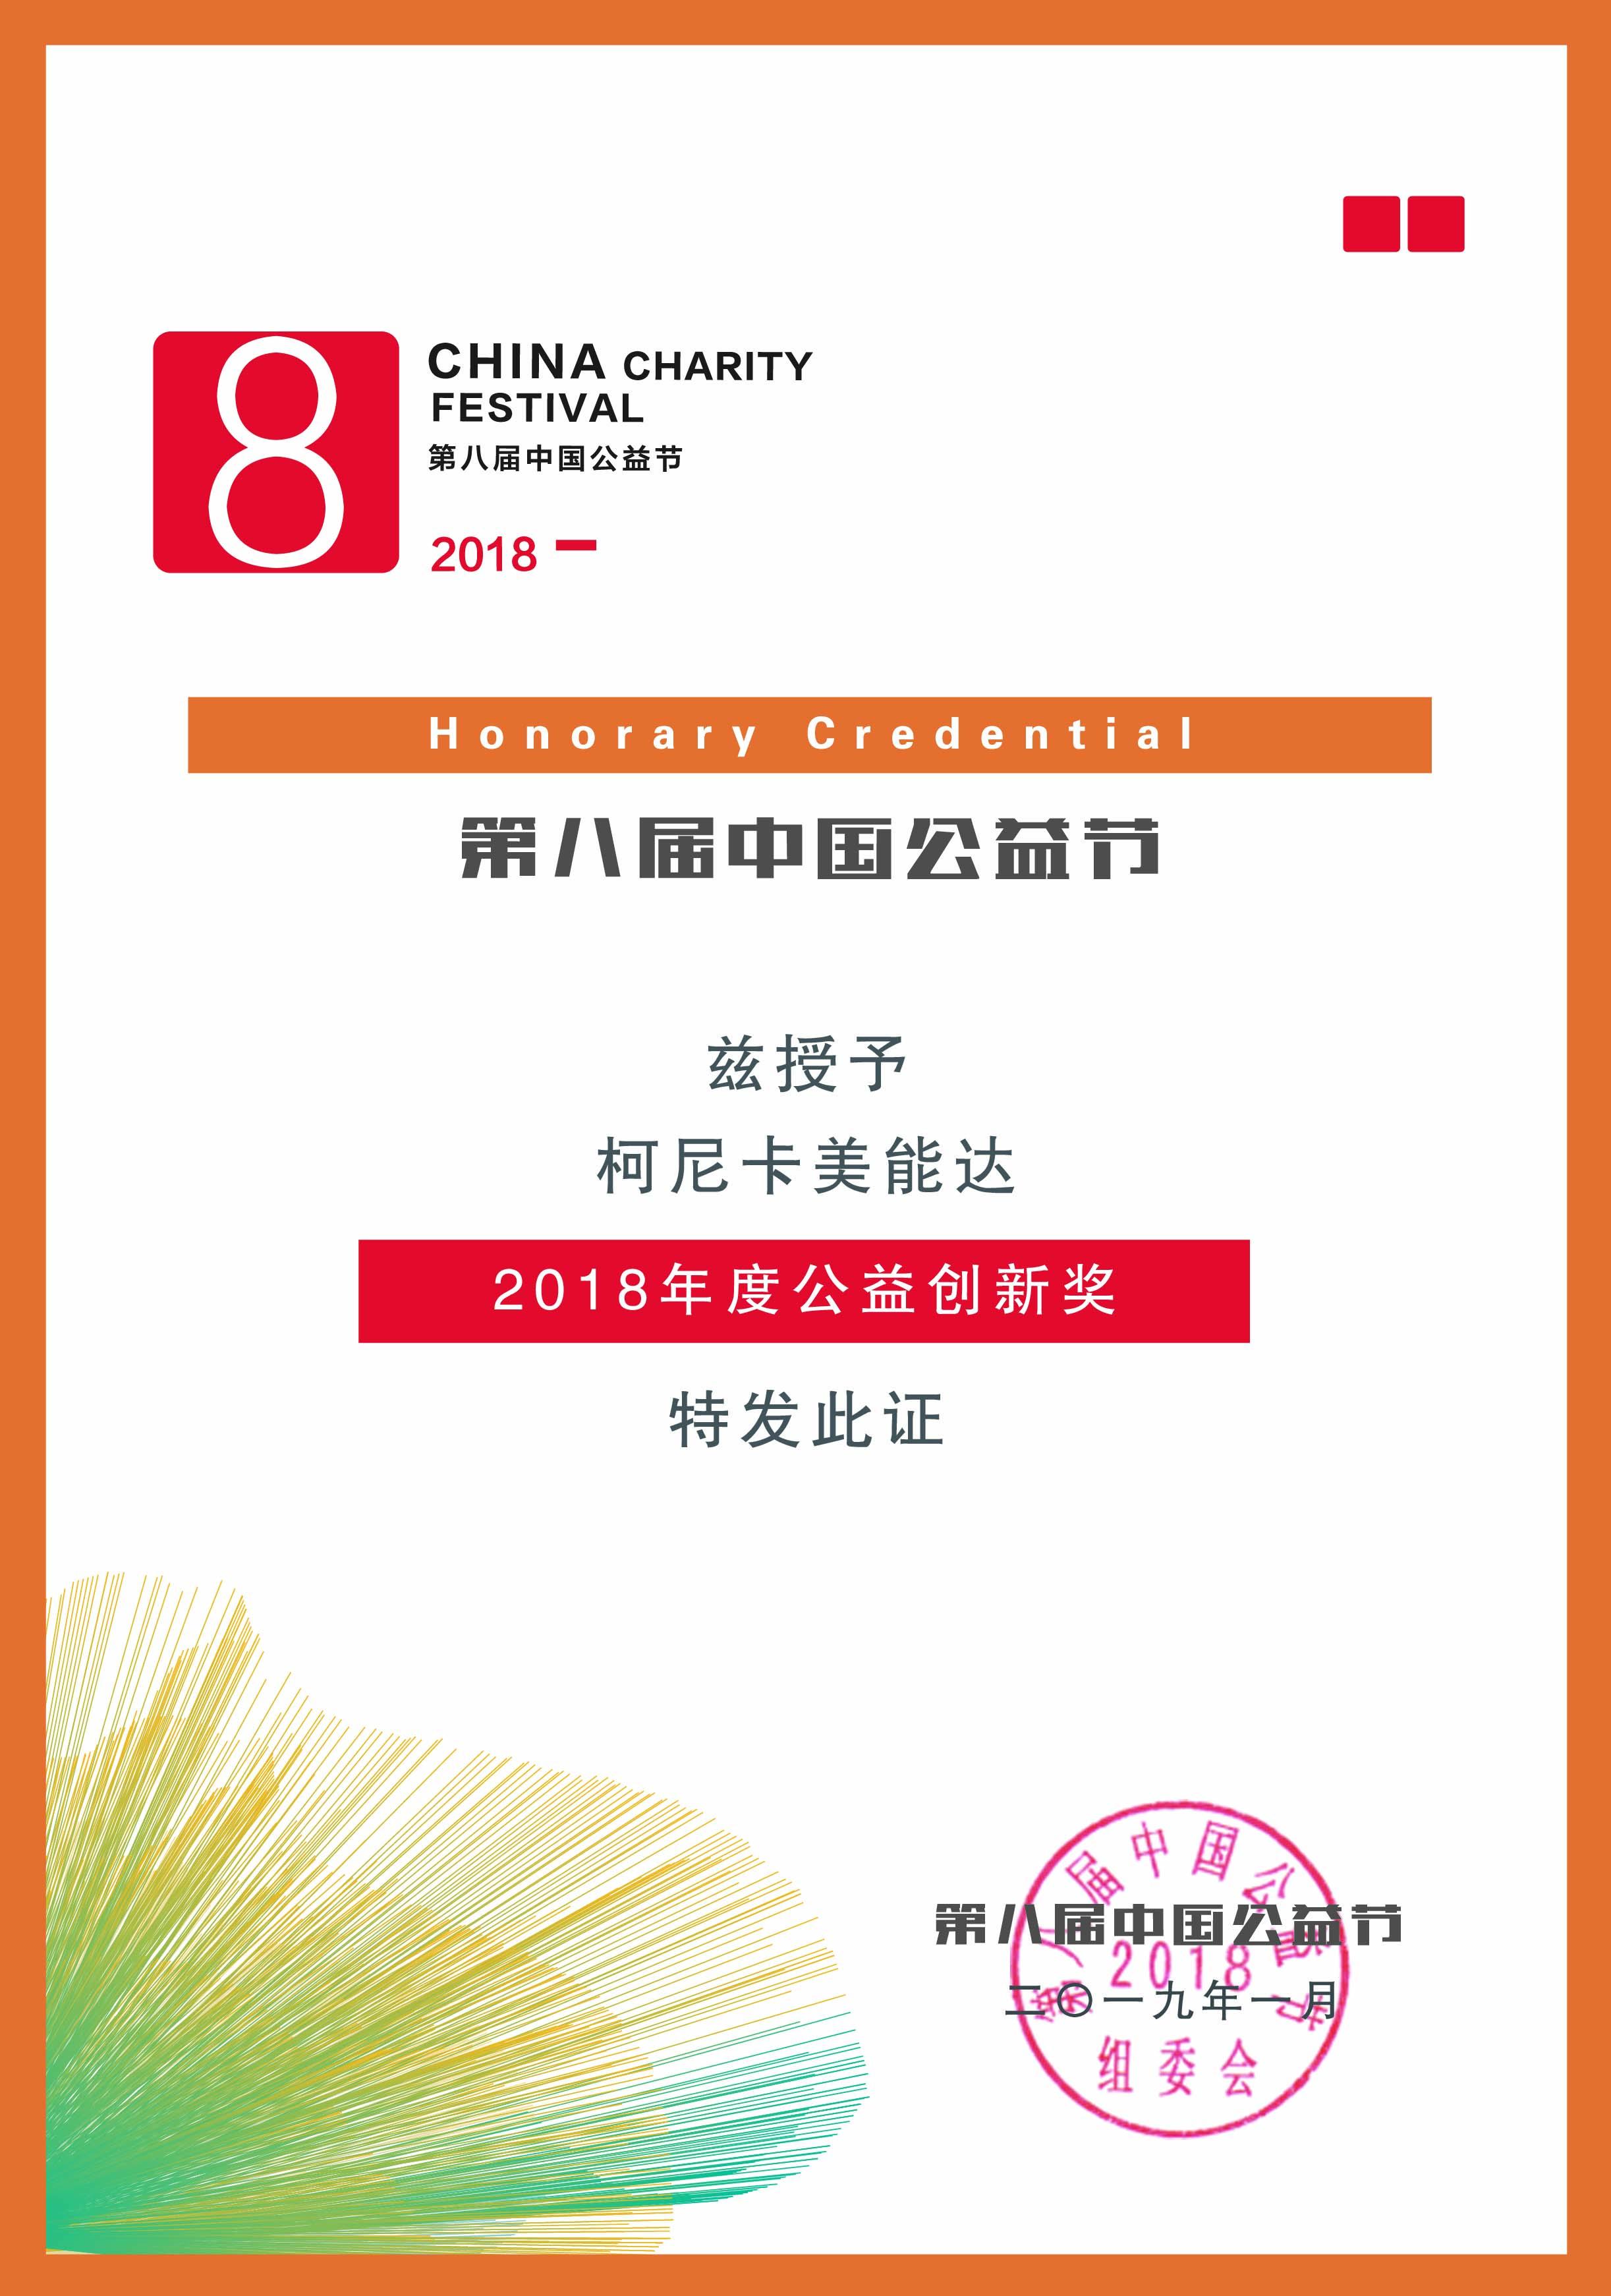 14-【中国公益节】公益创新奖.jpg